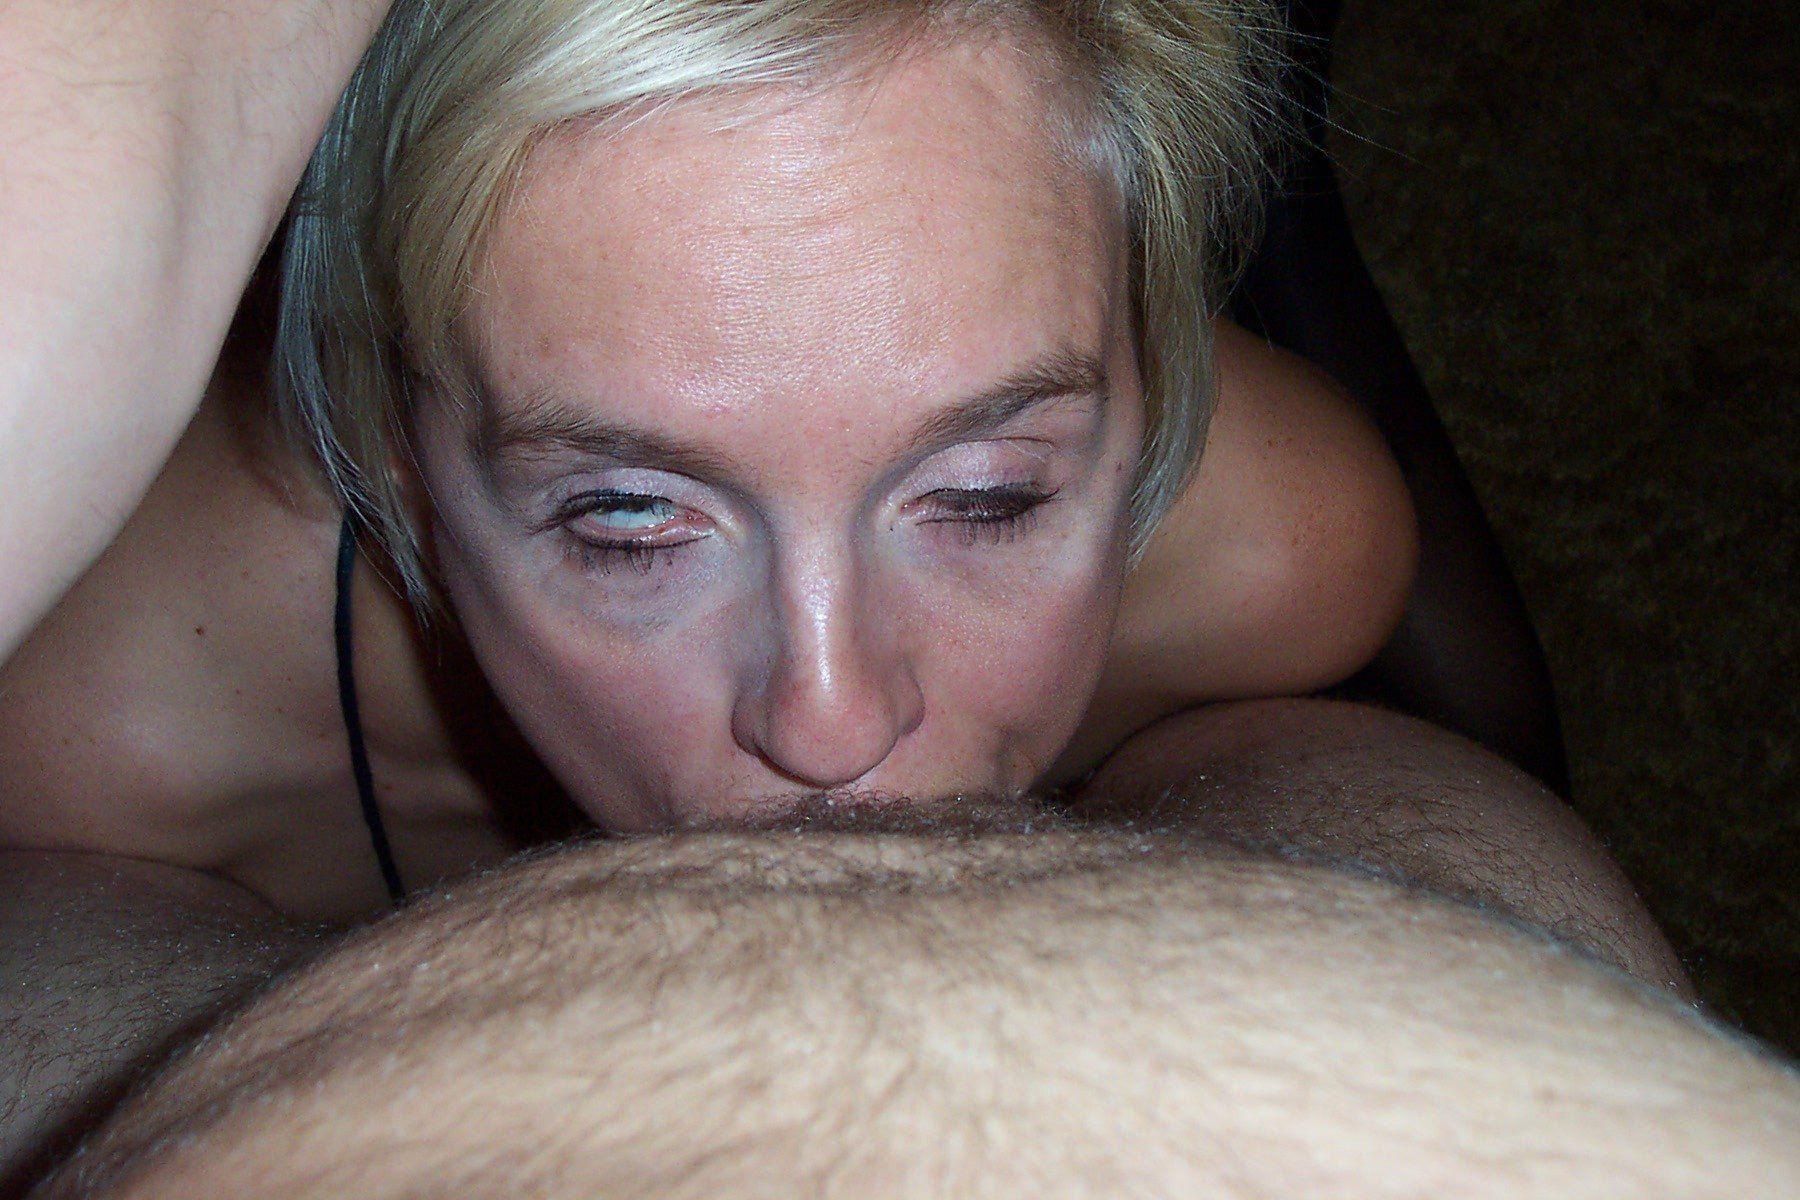 Nasty fucked up porn